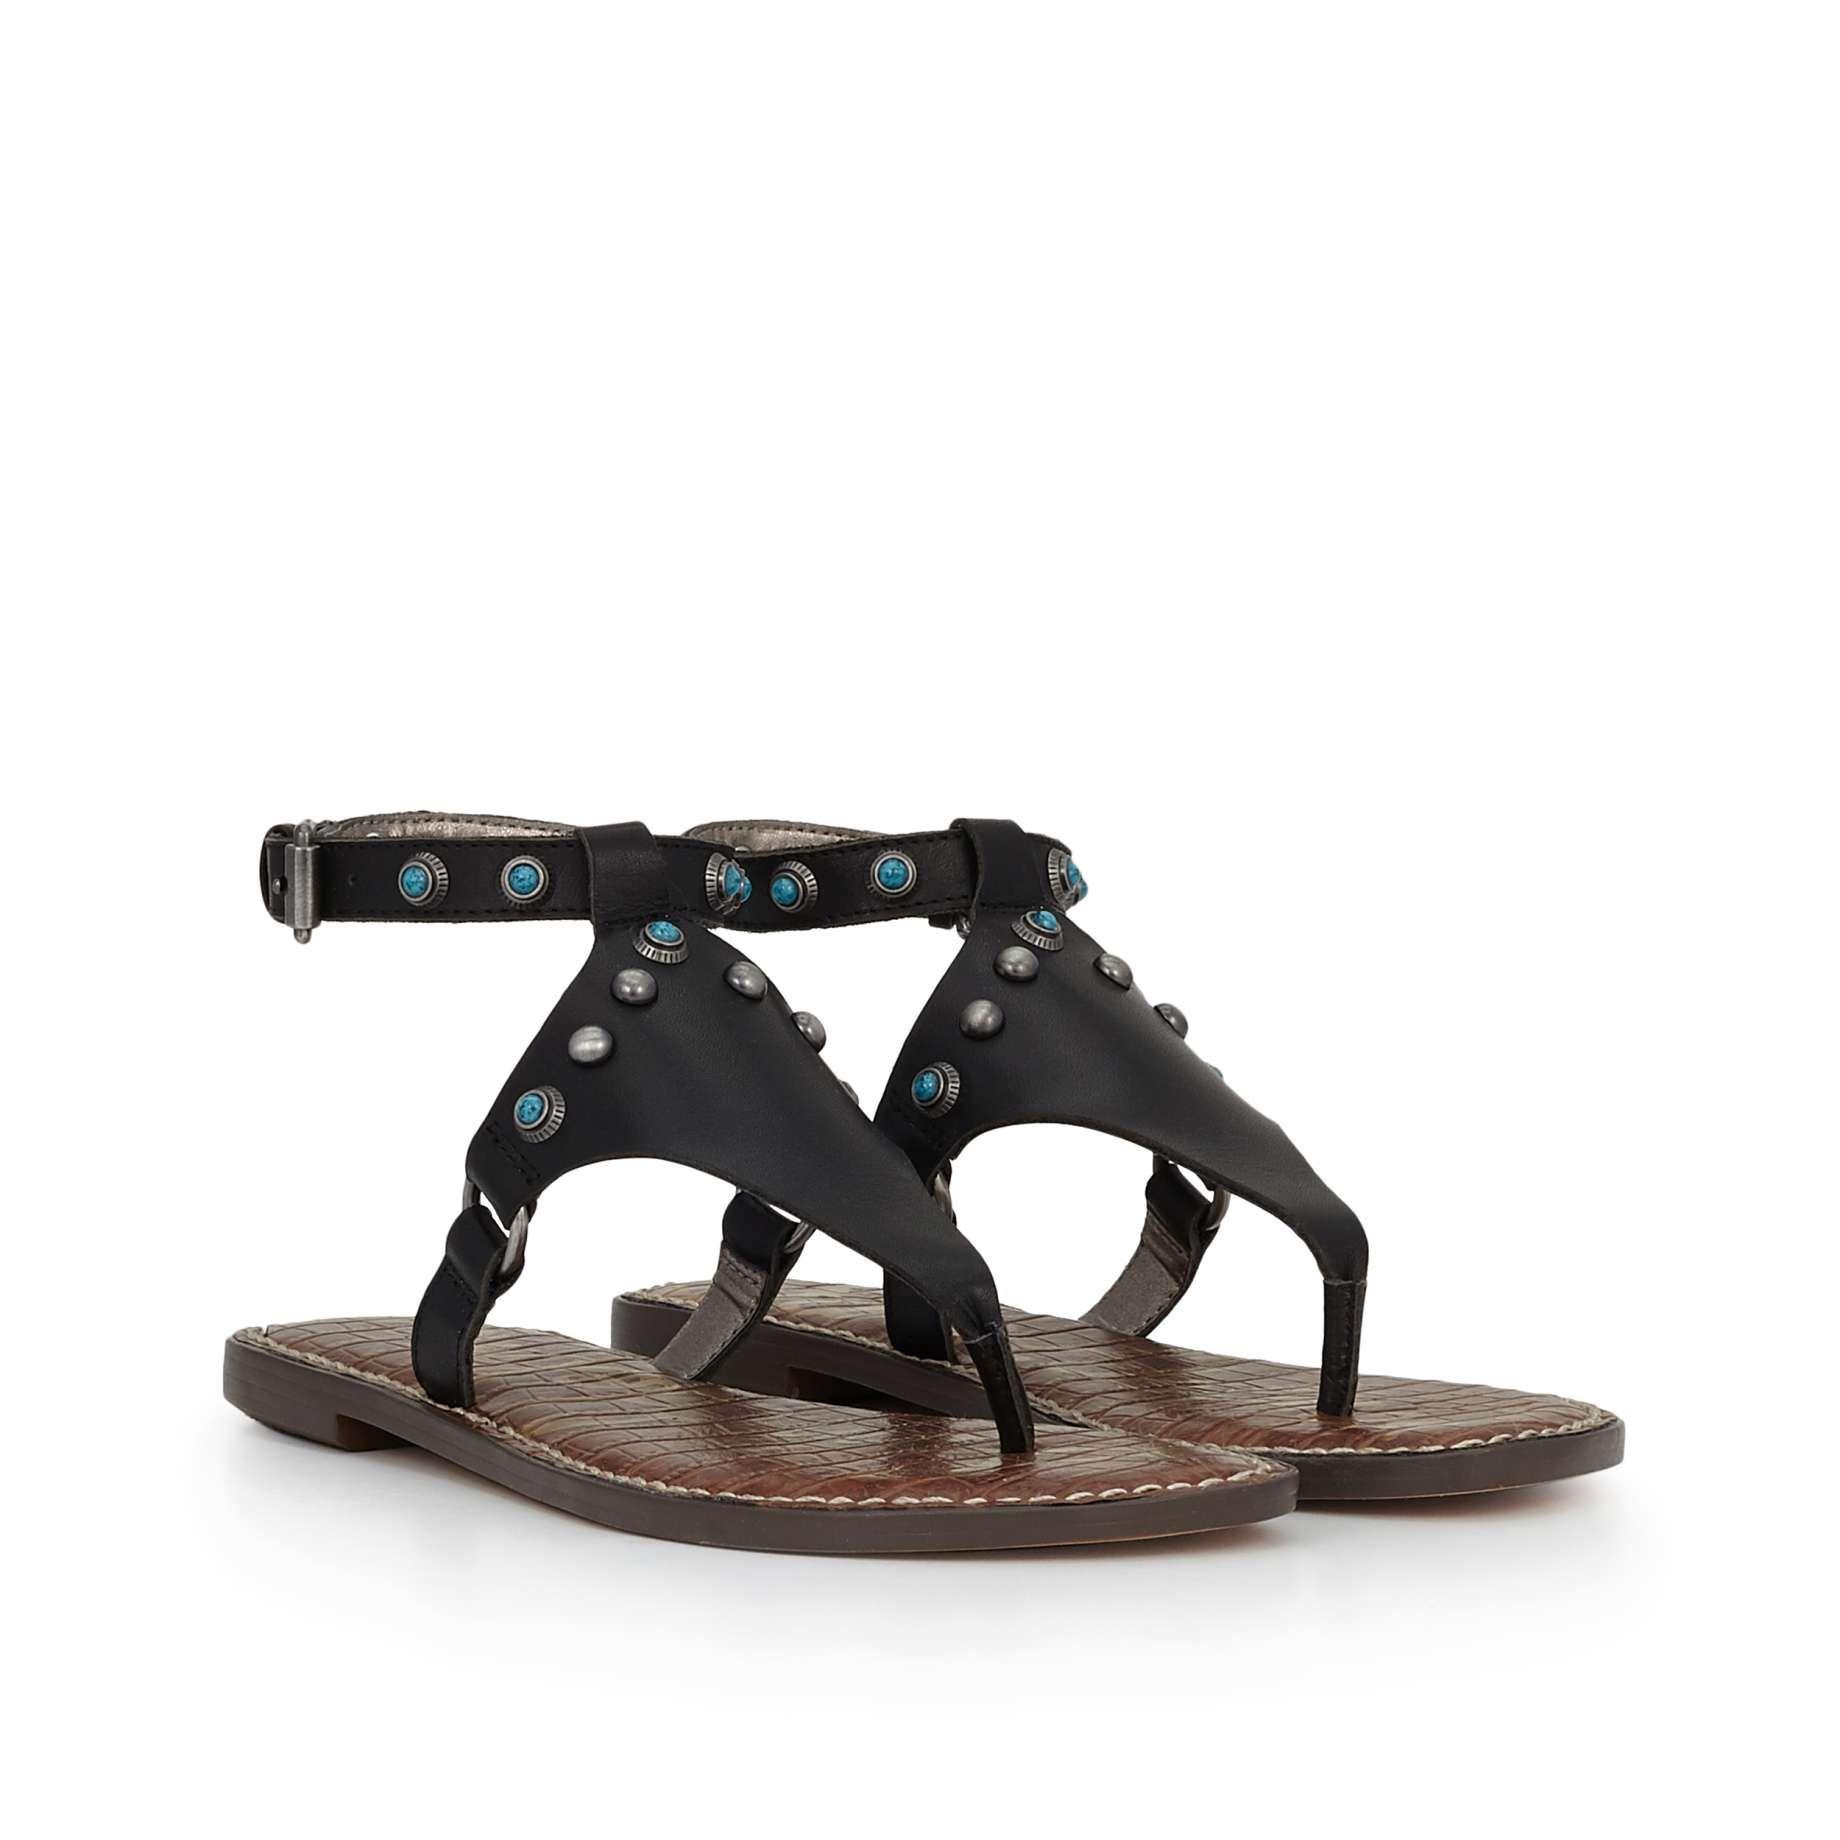 b4f1cf385 Galena Ankle Strap Sandal by Sam Edelman - Black Leather - View 1 ...